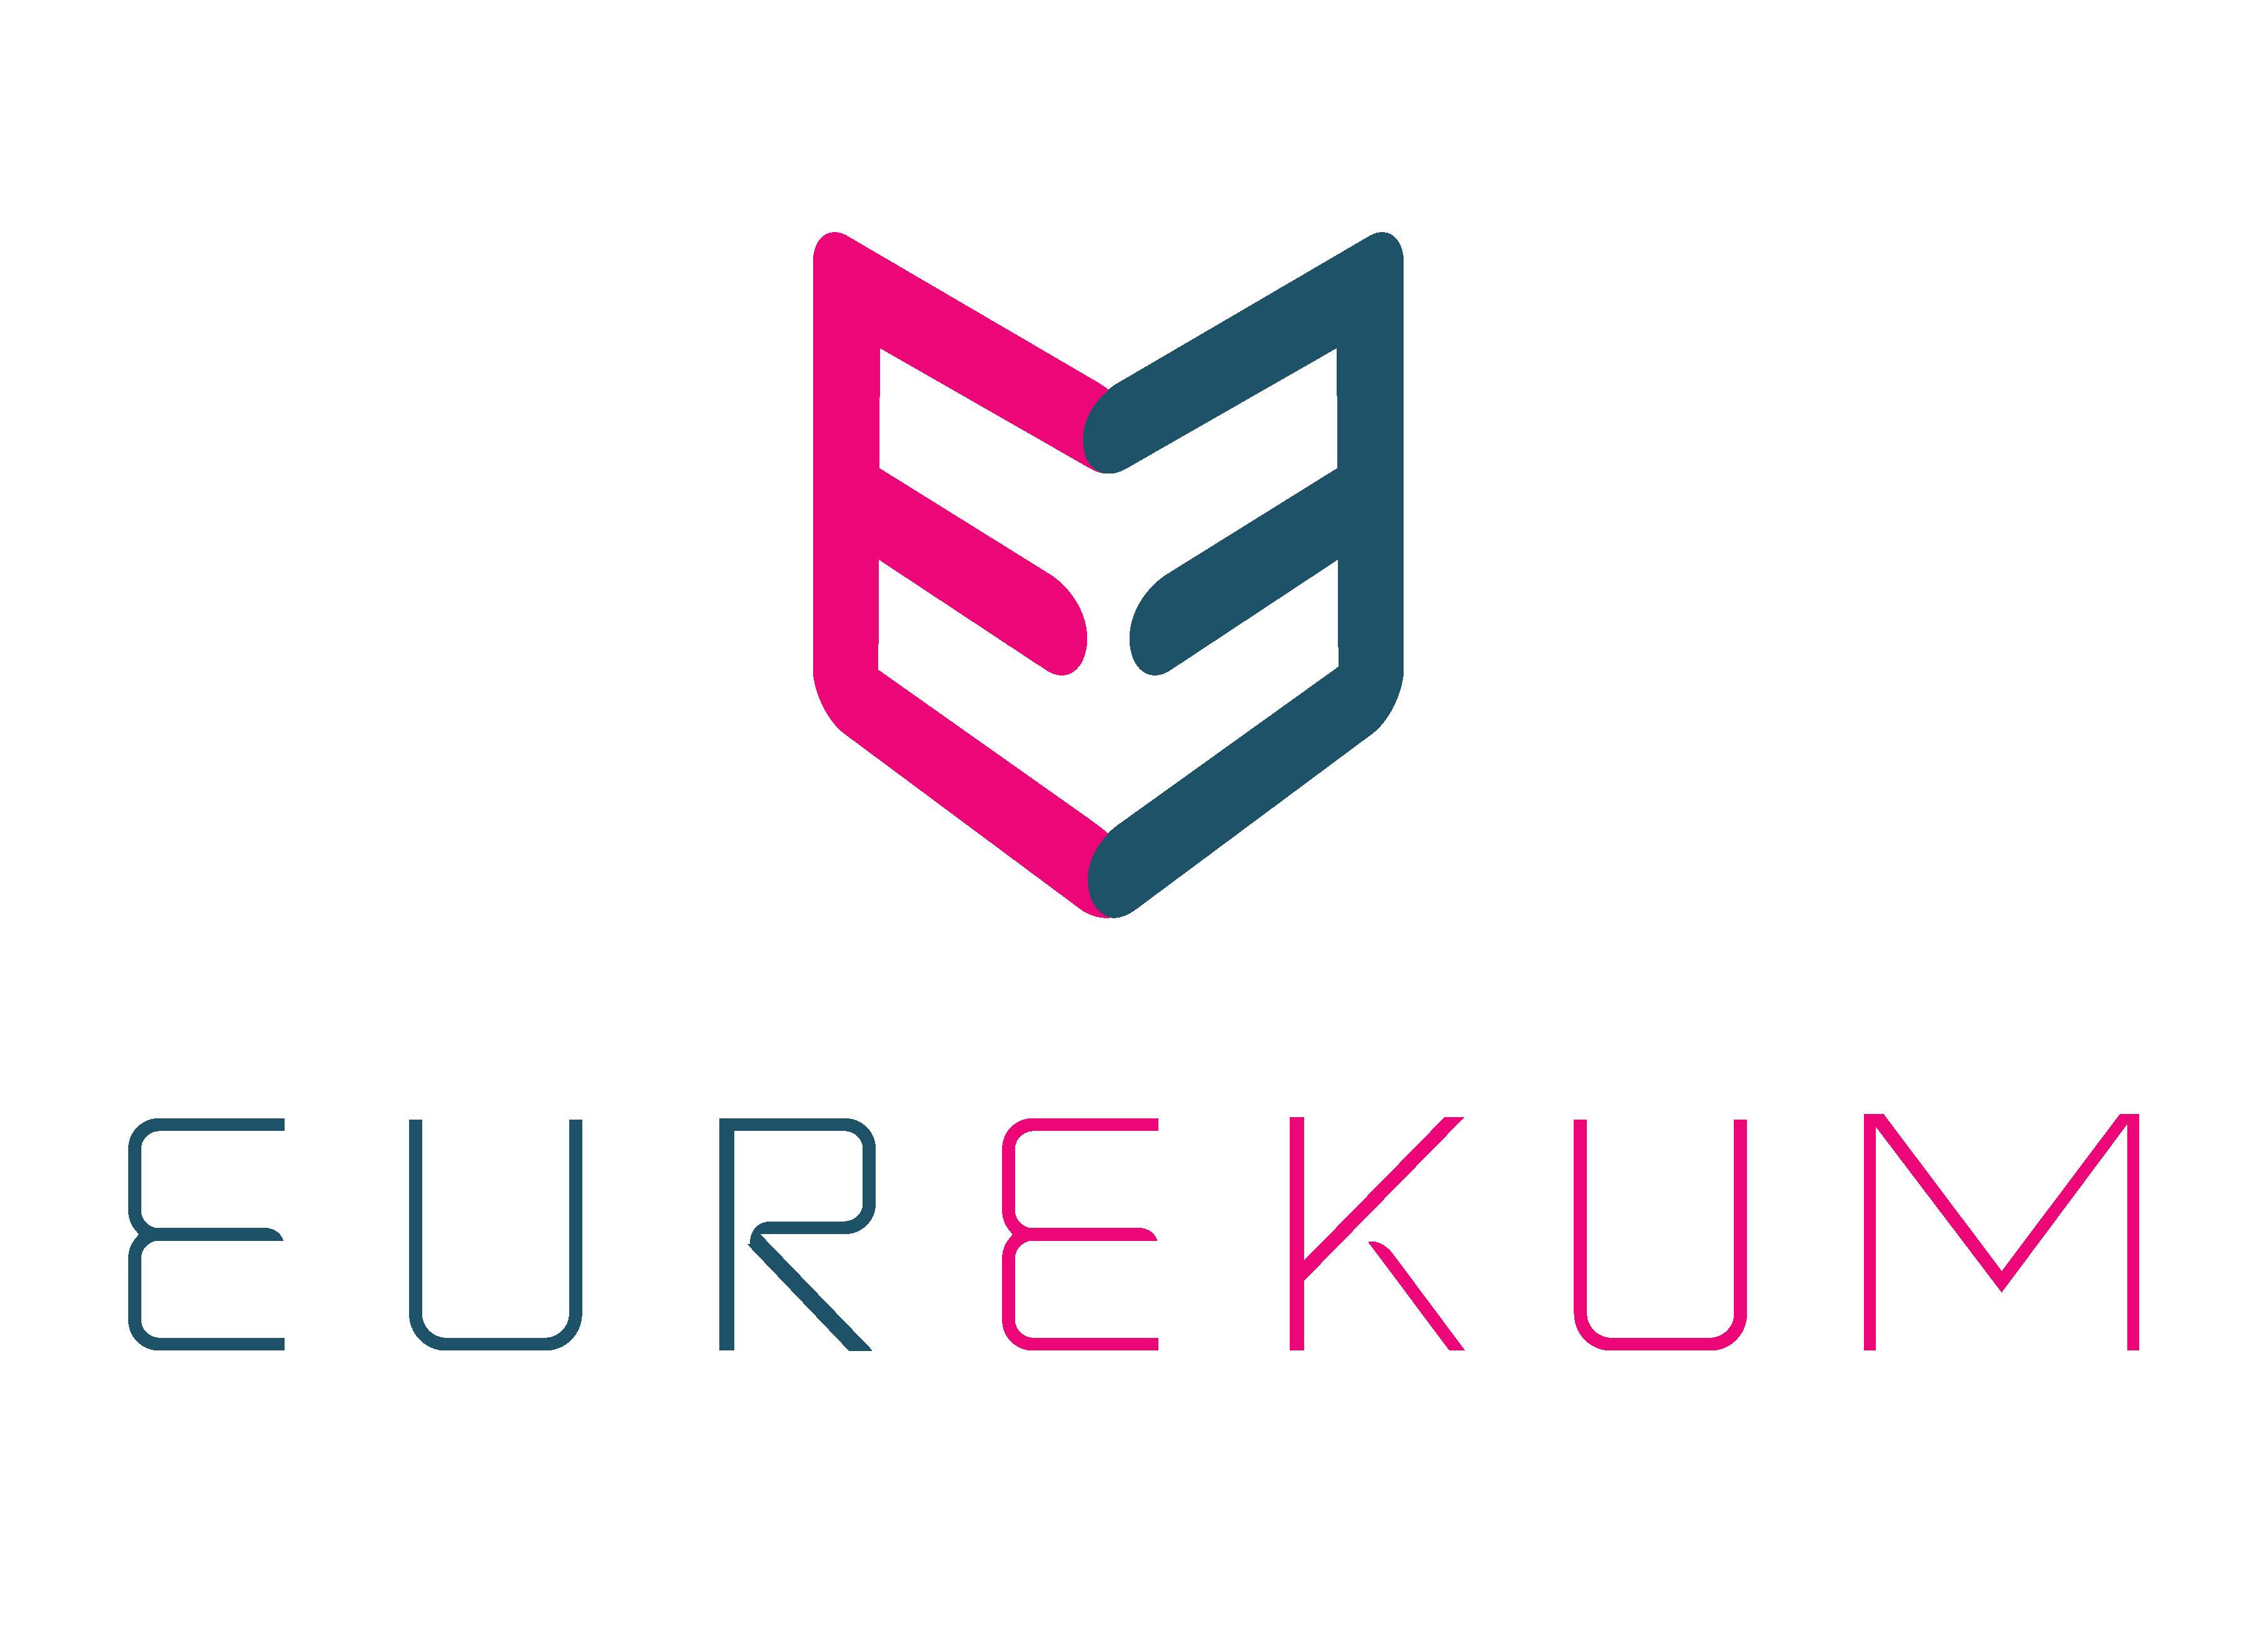 EUREKUM